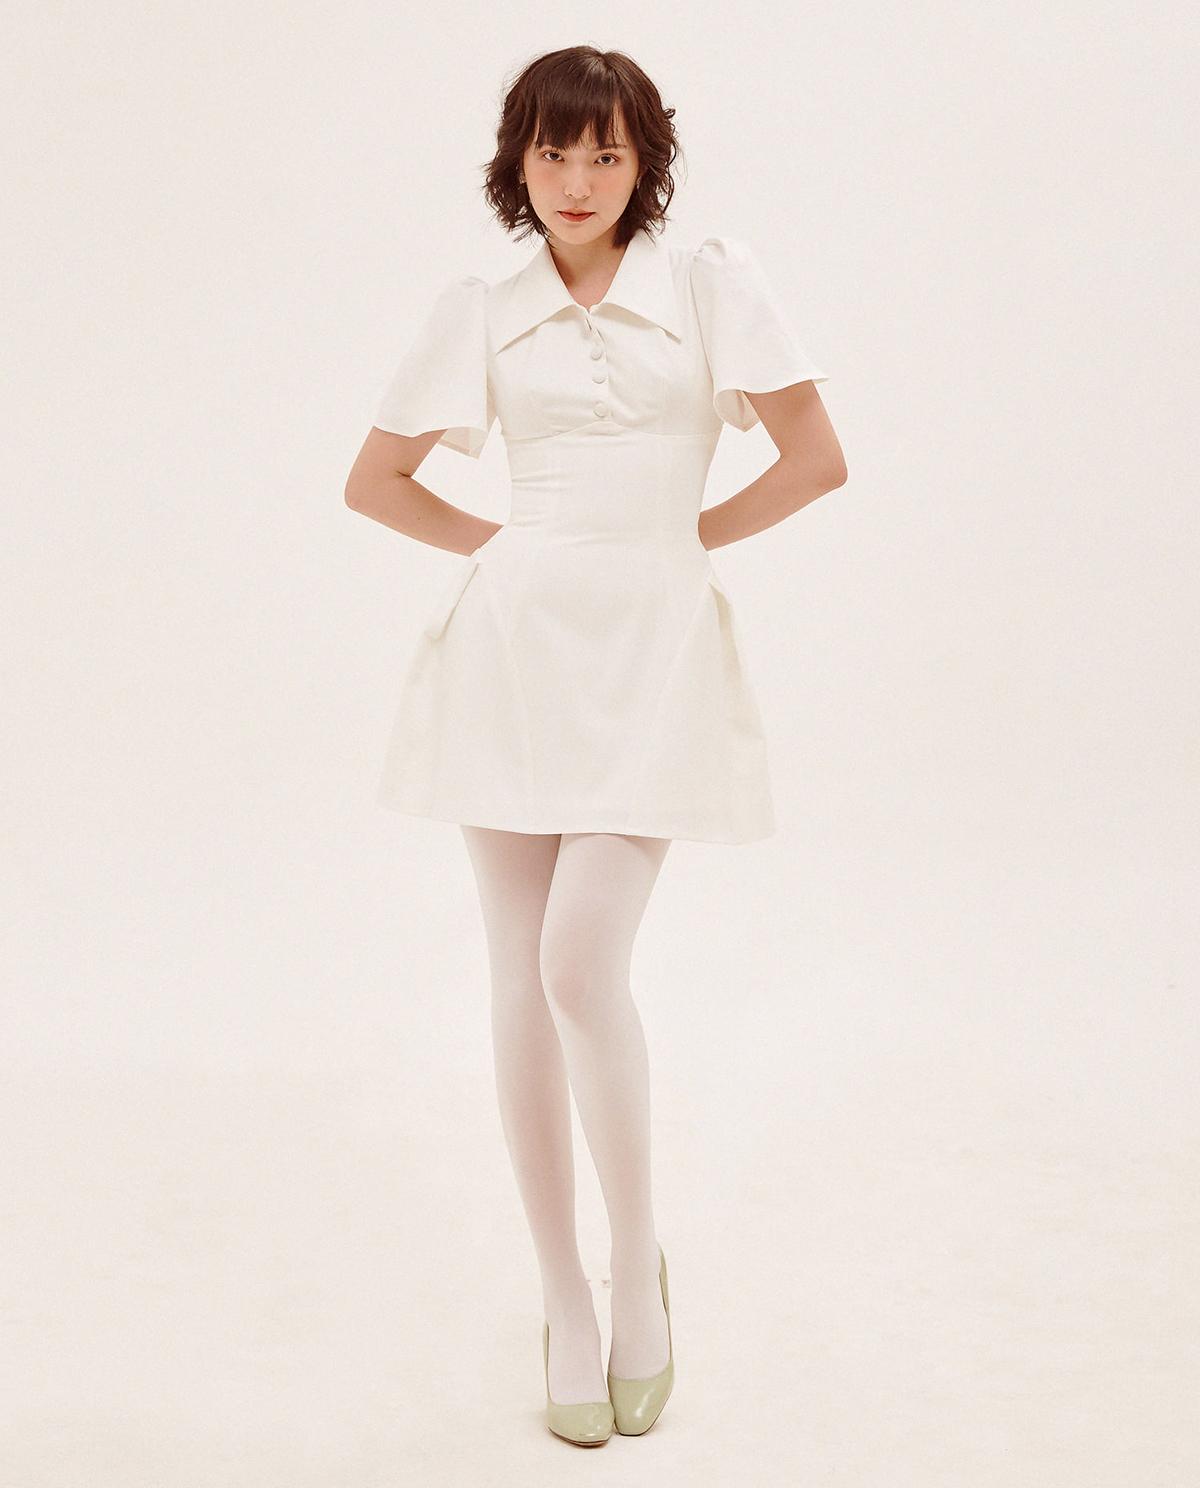 Nàng thơ mới của Sơn Tùng khoe vẻ cổ điển với chiếc váy trắng của một local brand Việt. Trong bộ ảnh thời trang, cô kết hợp cùng quần tất trắng và giày cao gót xanh, trông như một quý cô ở thập niên cũ.